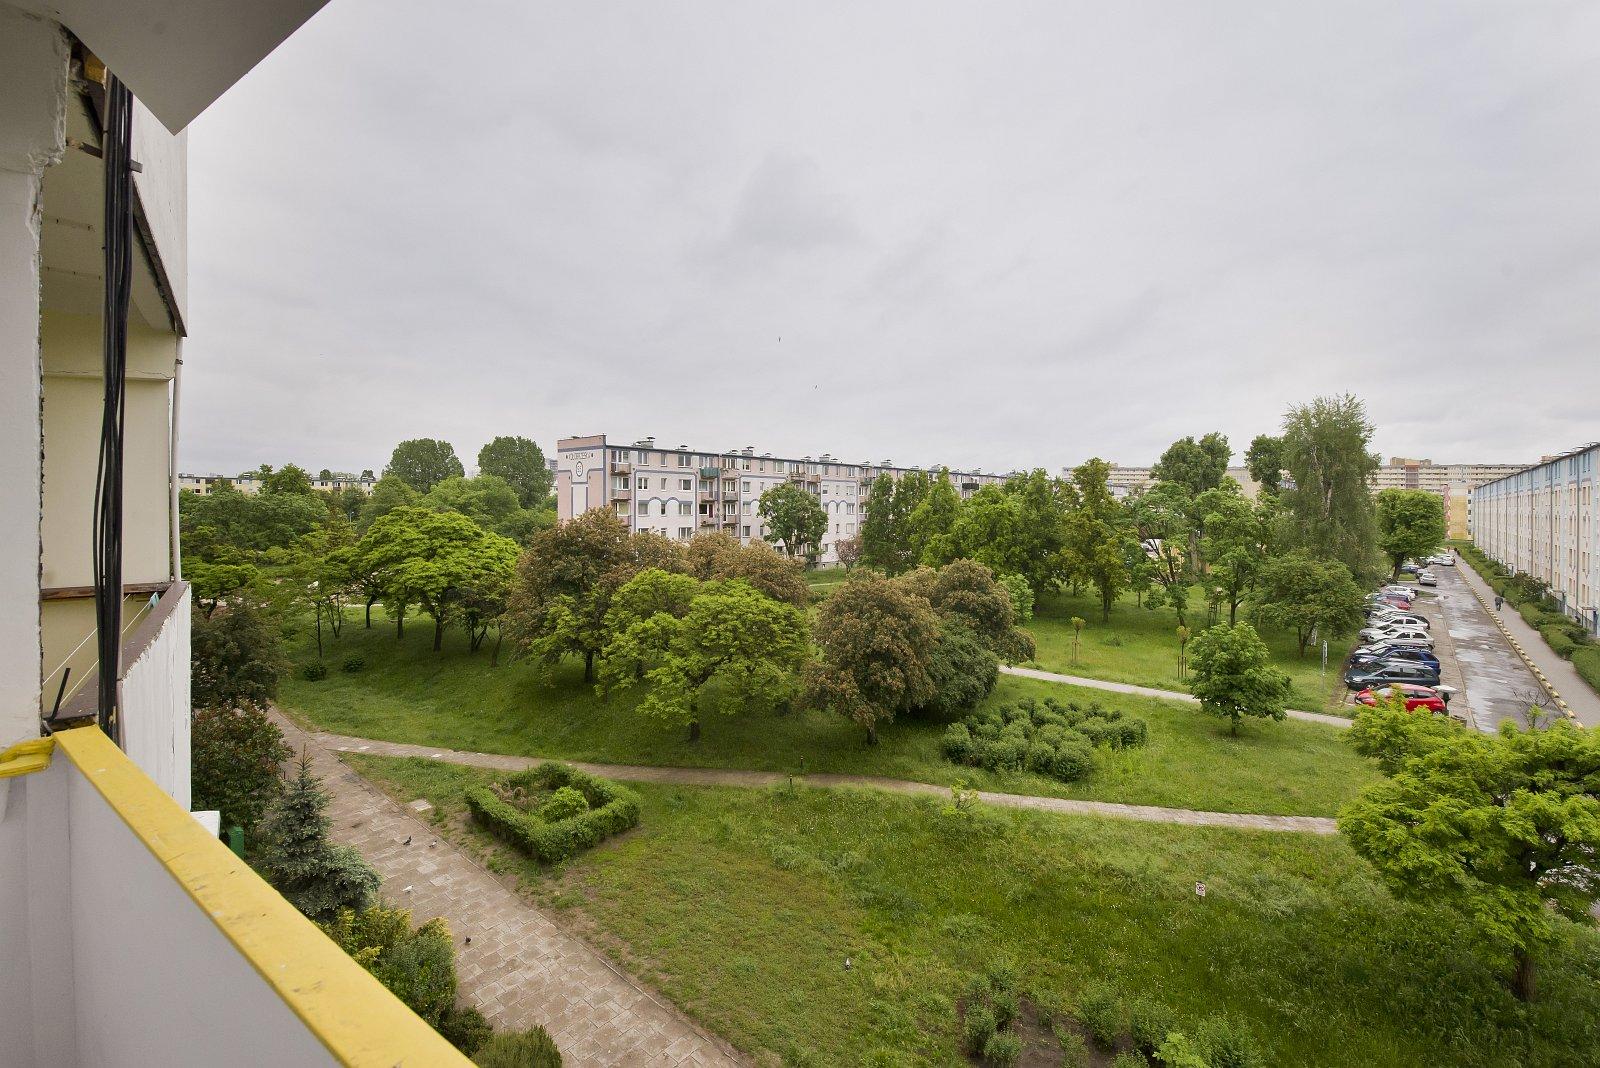 mieszkanie-wynajem-gdansk-ow6-05-01web